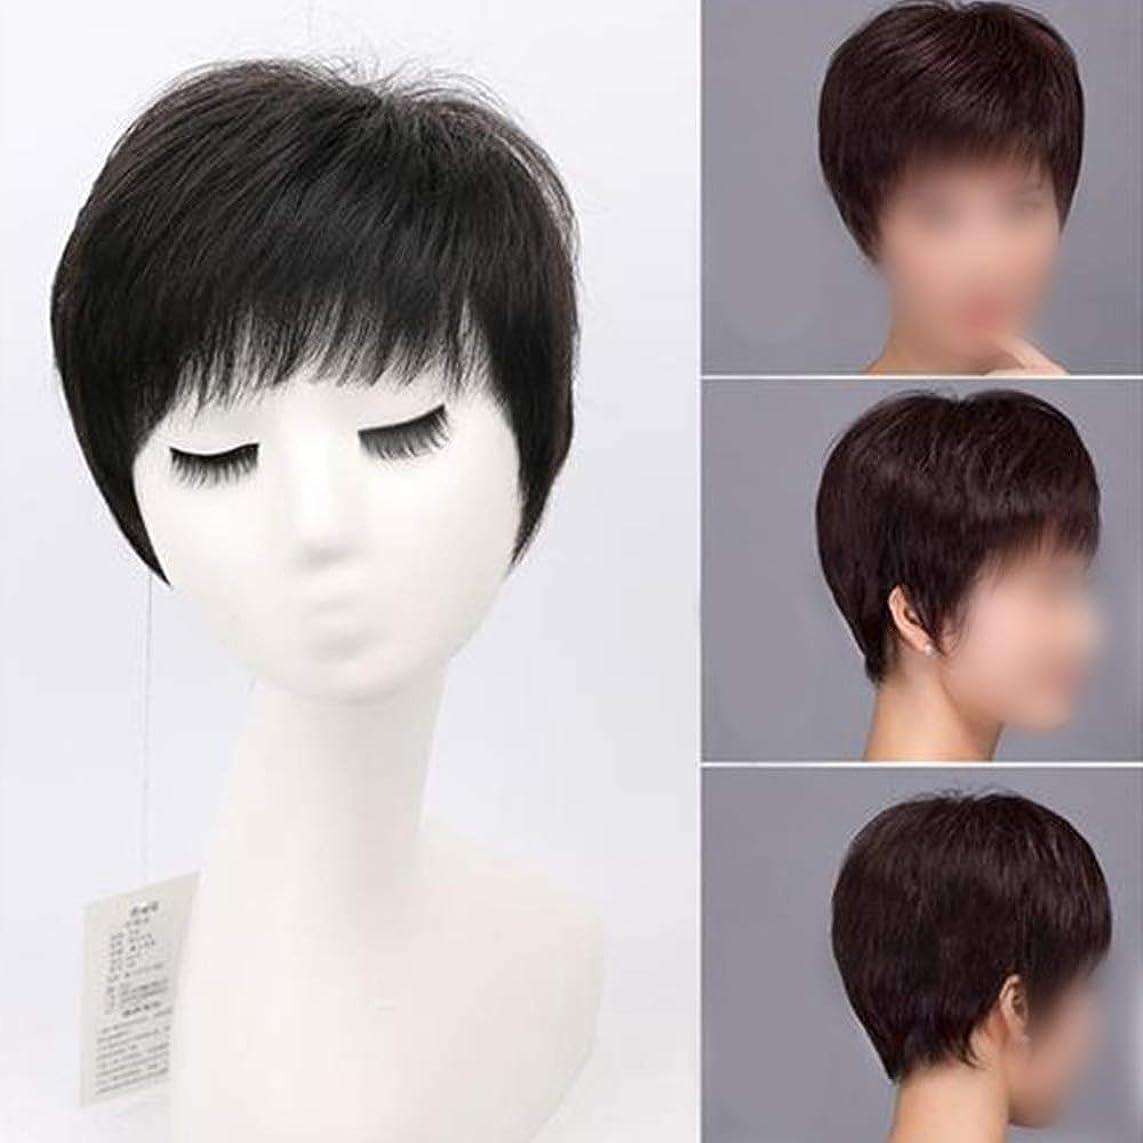 空図書館債権者HOHYLLYA 女性のための空気前髪付きリアルヘアショートストレートヘアミドルとオールドウィッグナチュラルリアルなファッションウィッグ (色 : ワインレッド)